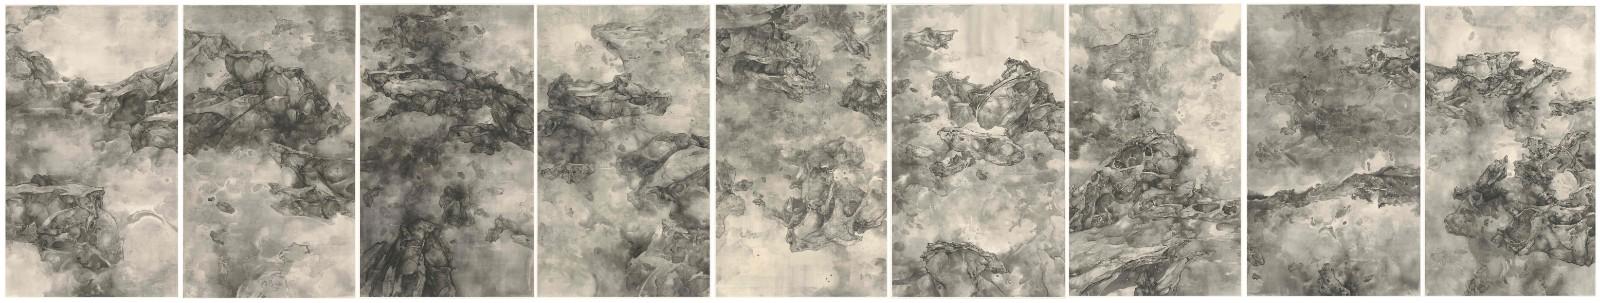 泰祥洲《平行宇宙》,绢本水墨, 2017